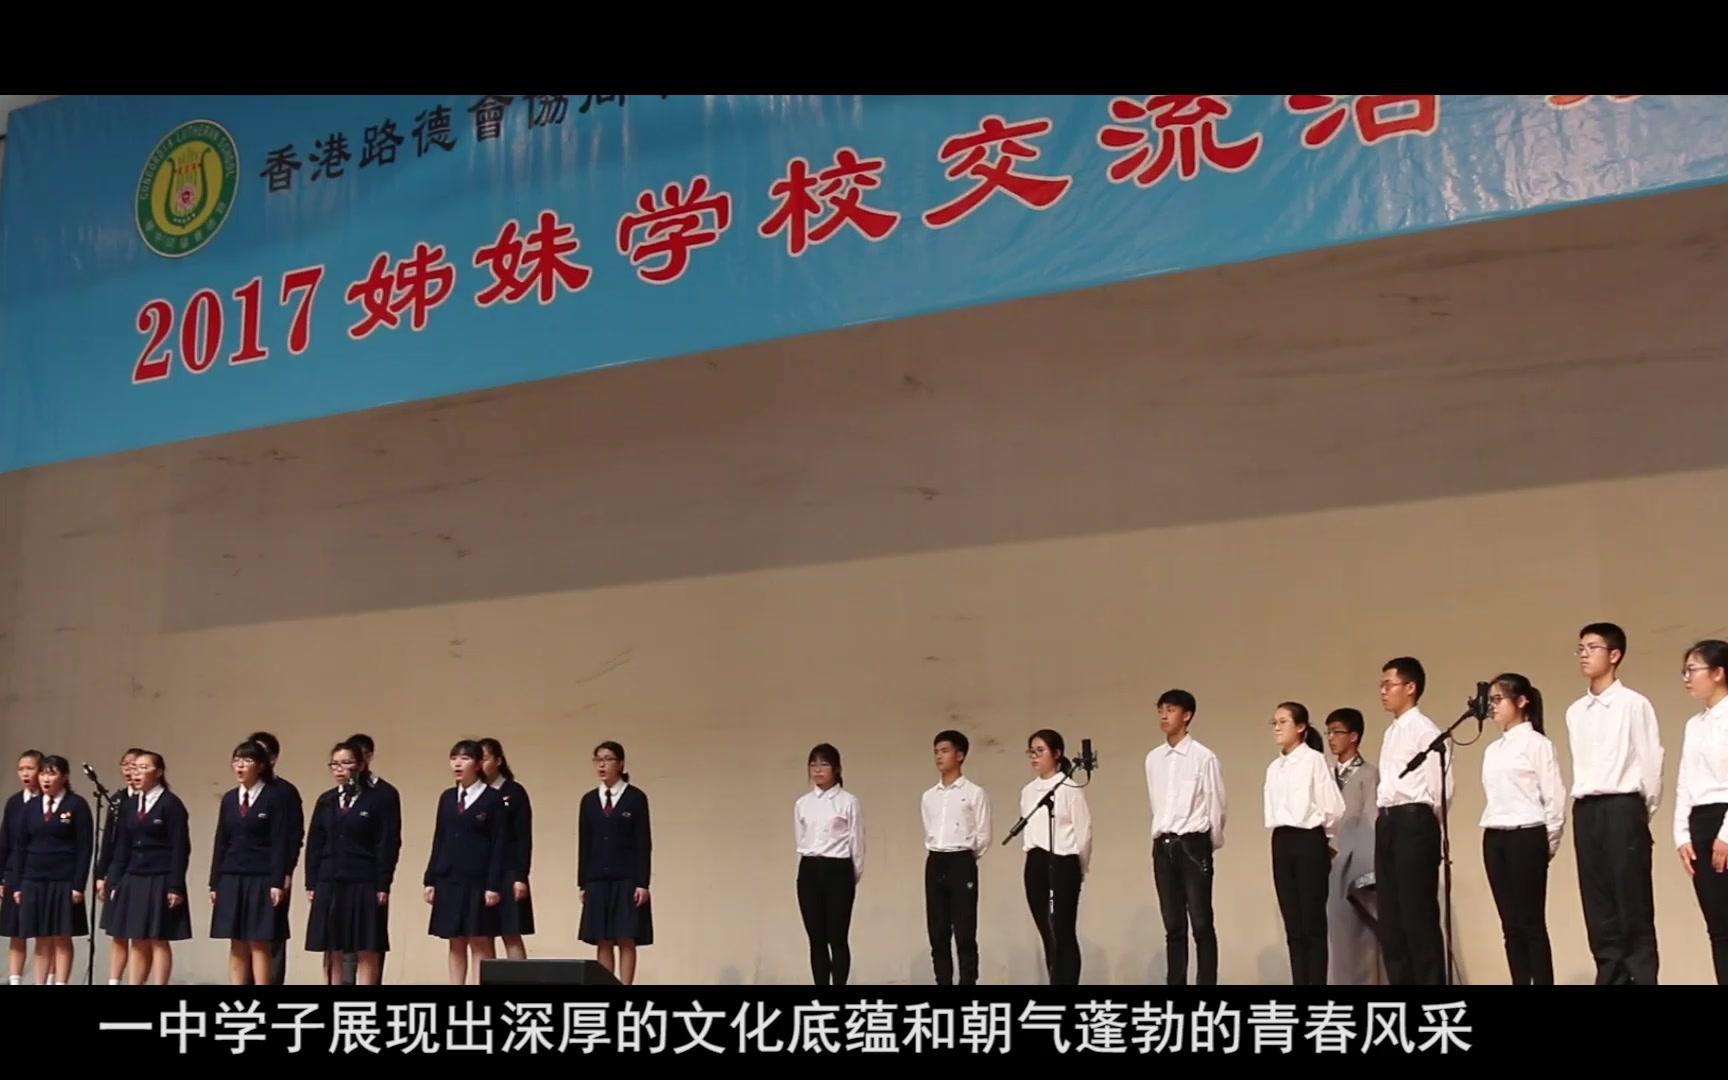 衢州一中上海校友会成立宣传视频